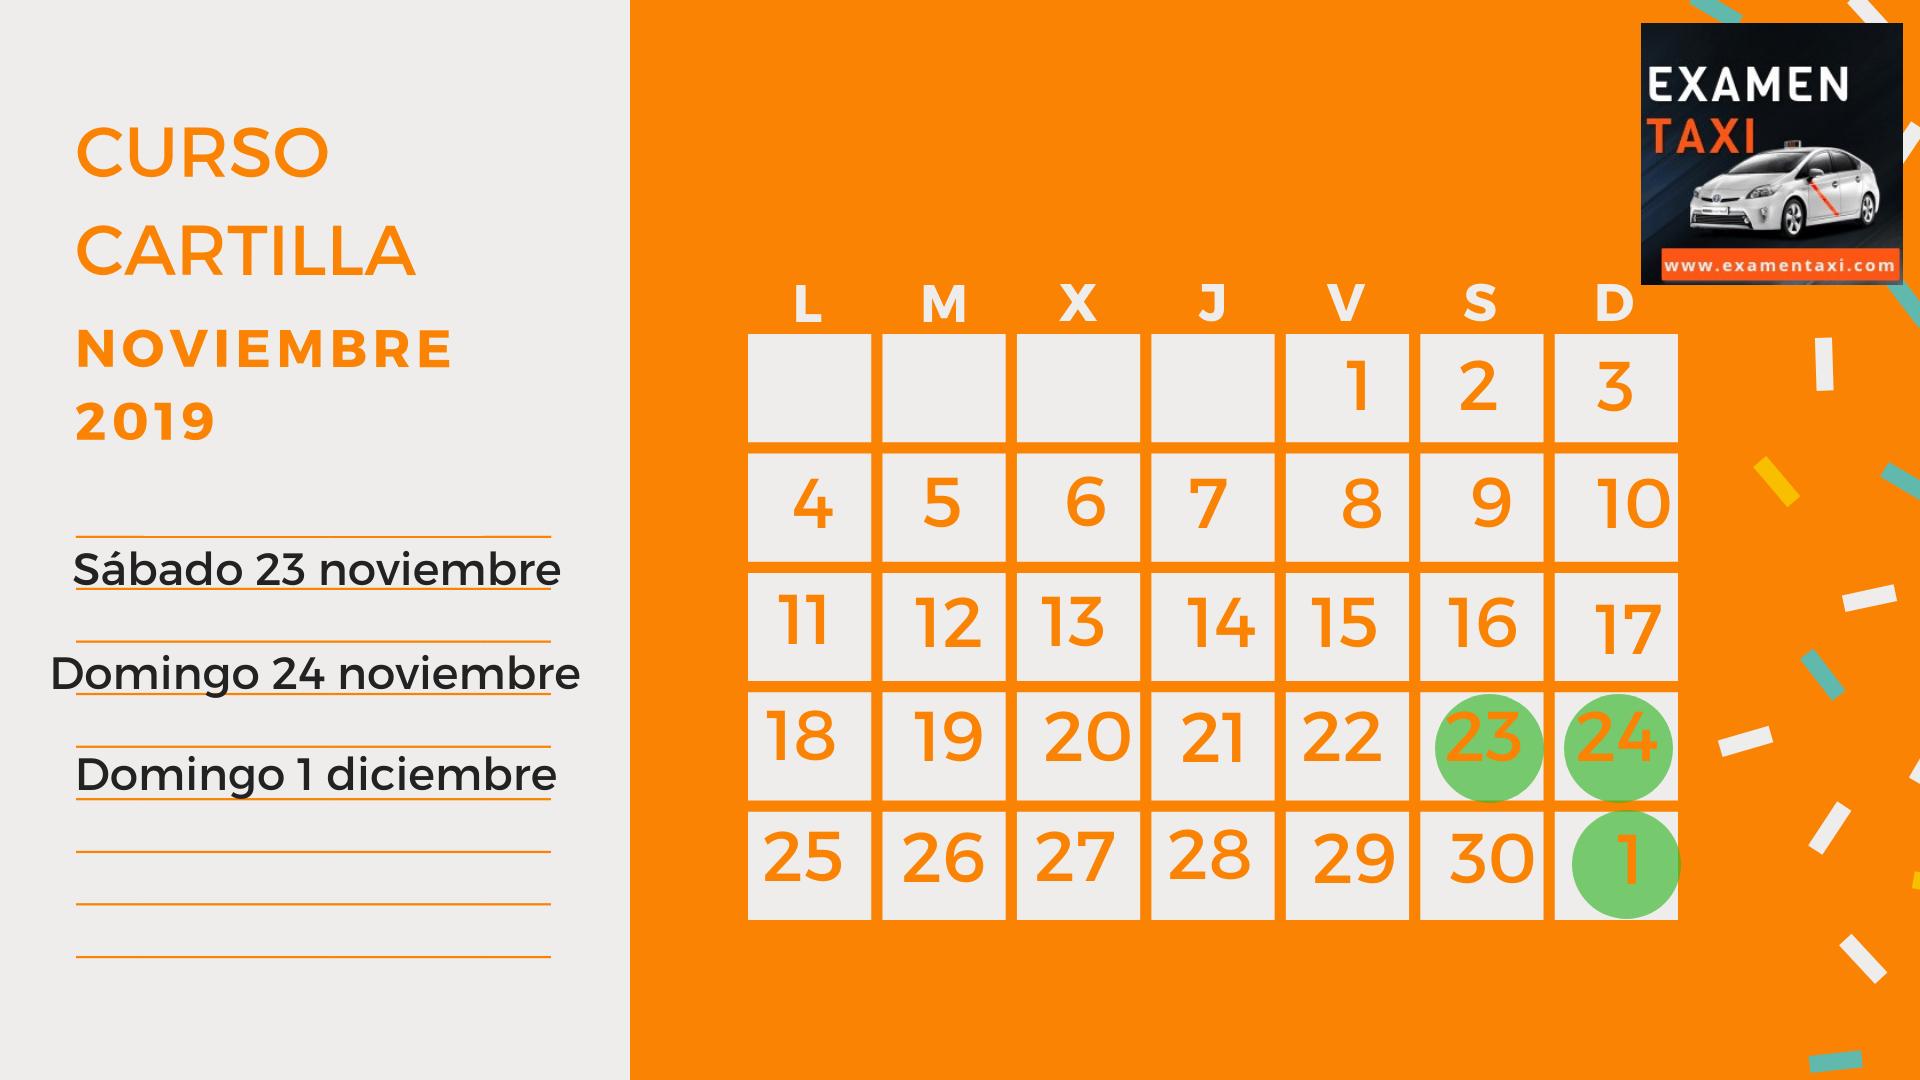 Calendario Curso Cartilla Taxi Noviembre 2019